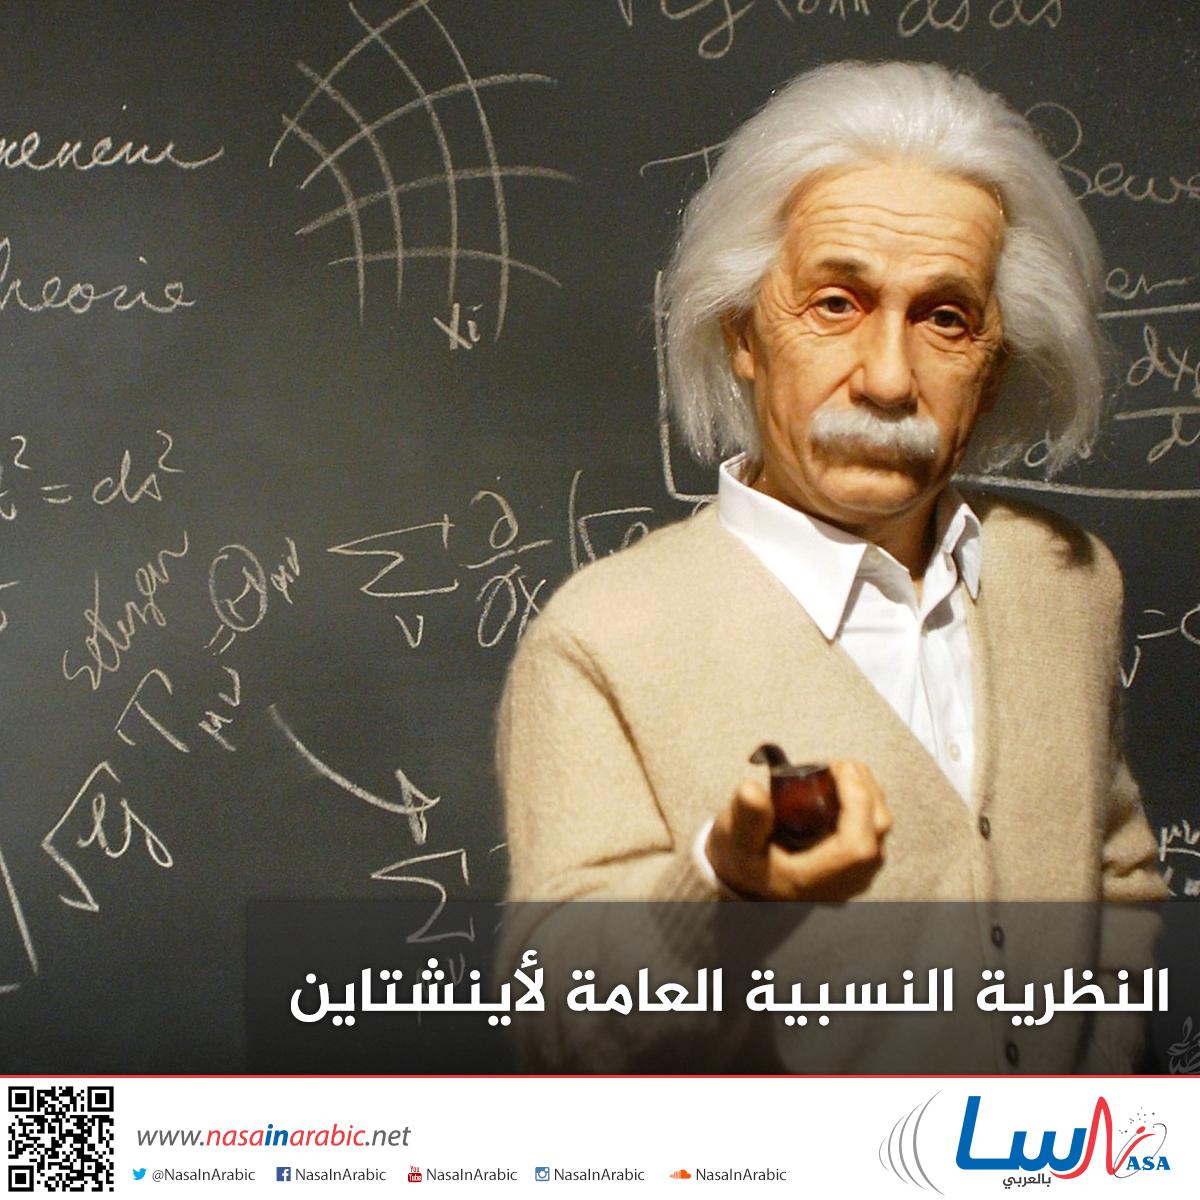 النظرية النسبية العامة لأينشتاين